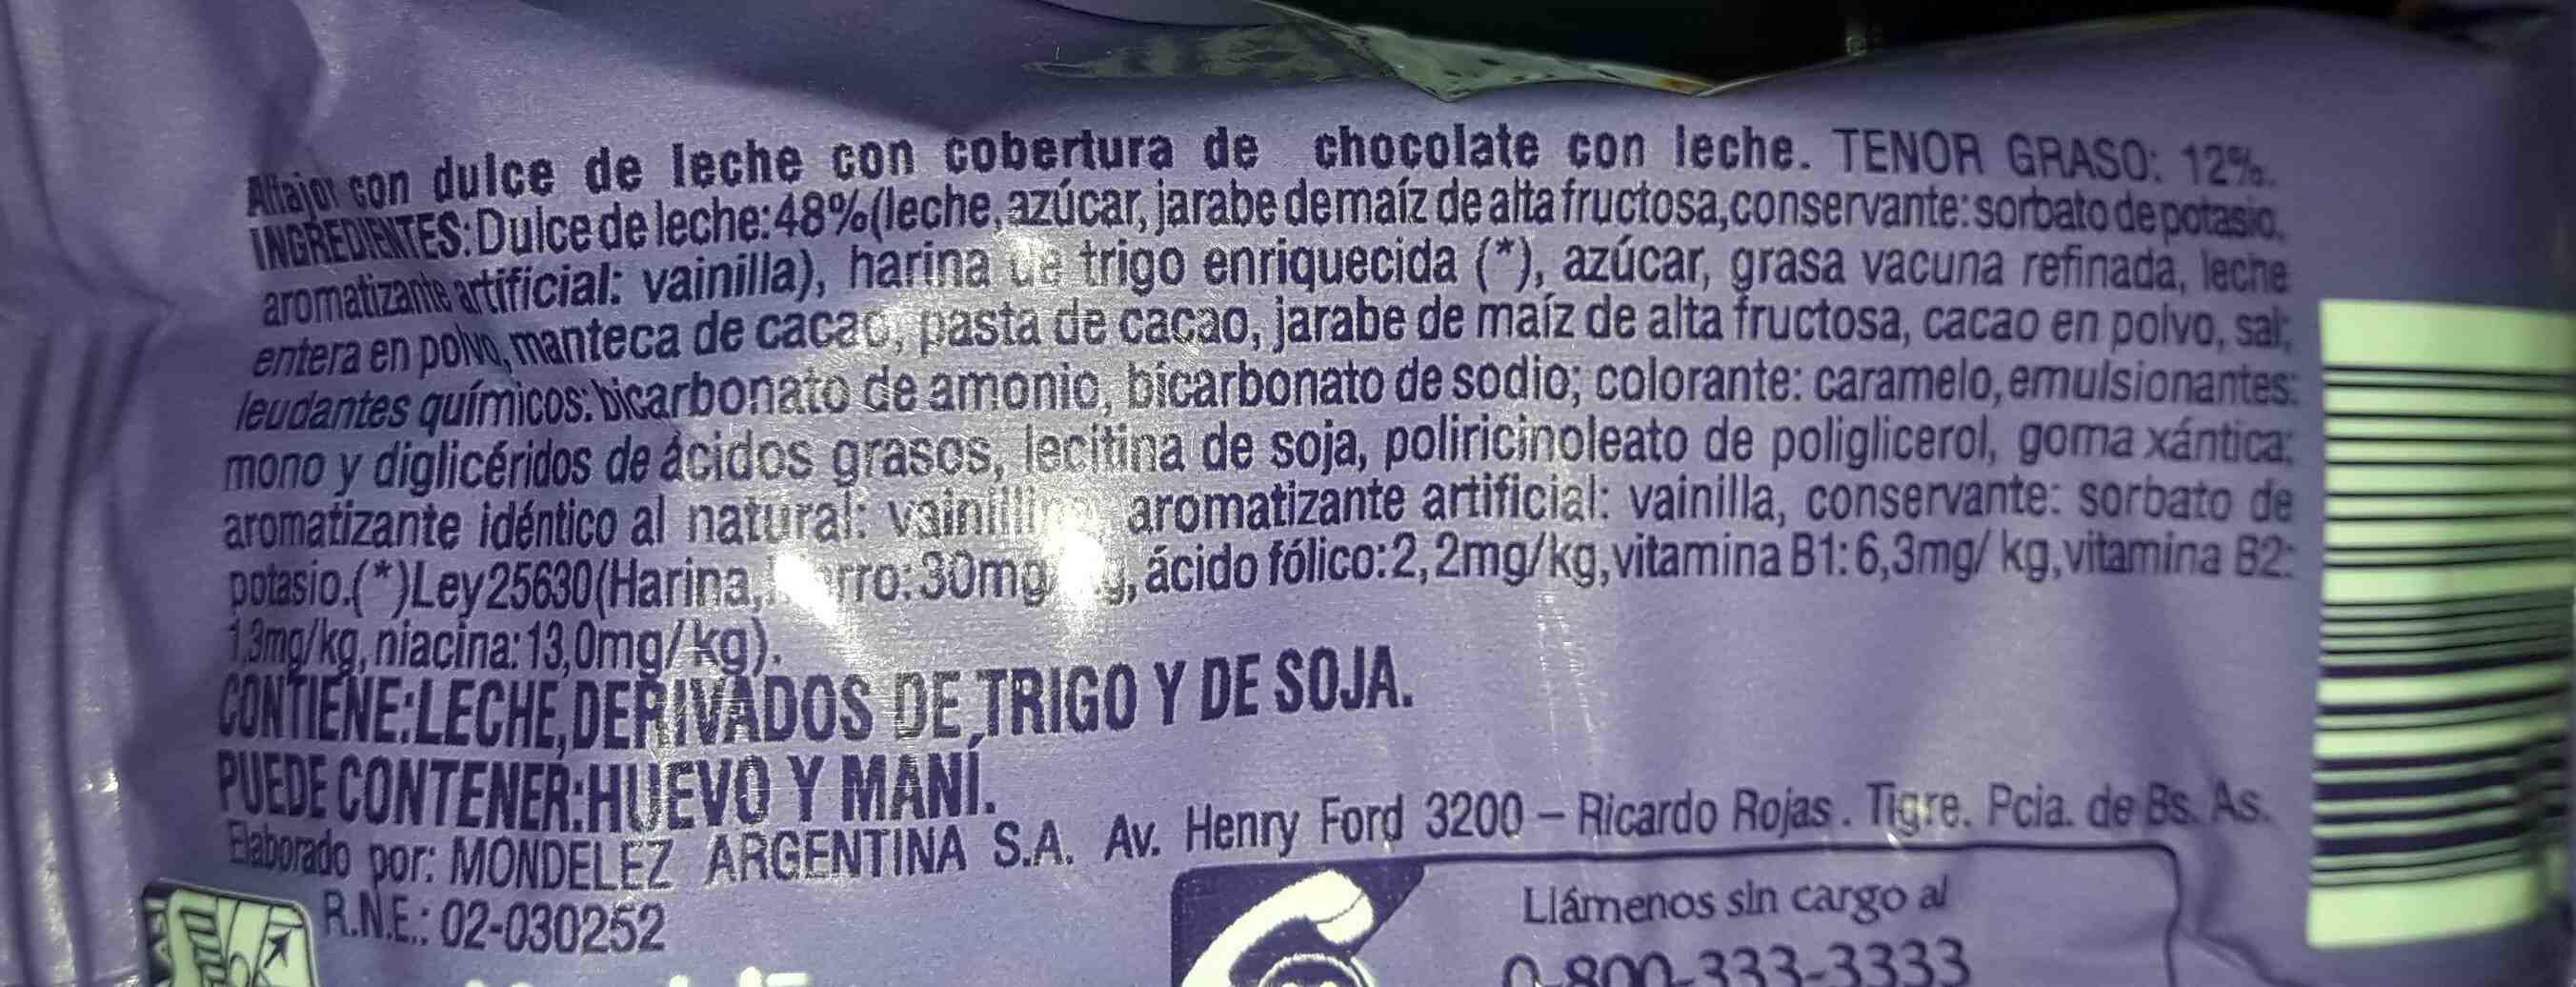 alfajor triple de dulce de leche - Ingredients